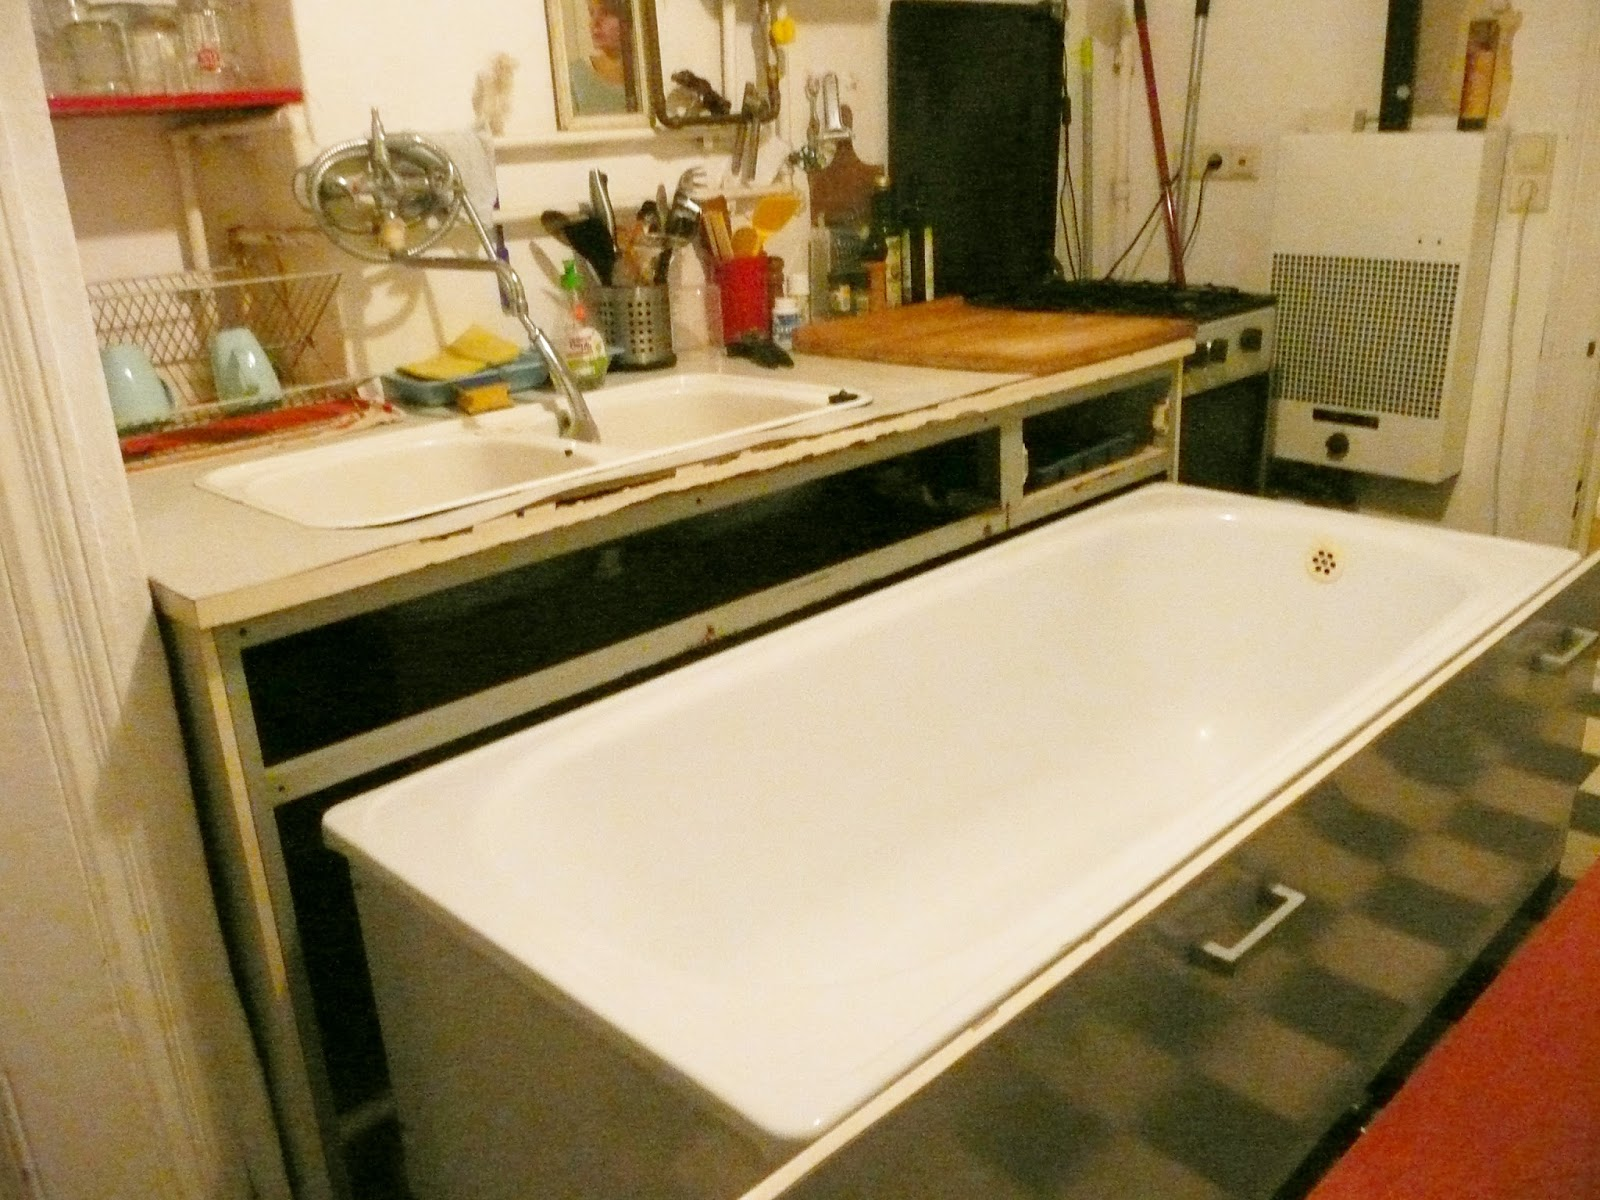 Kirschenzeit: MERKWÜRDIGES AM MITTWOCH / Badewanne in der Küche